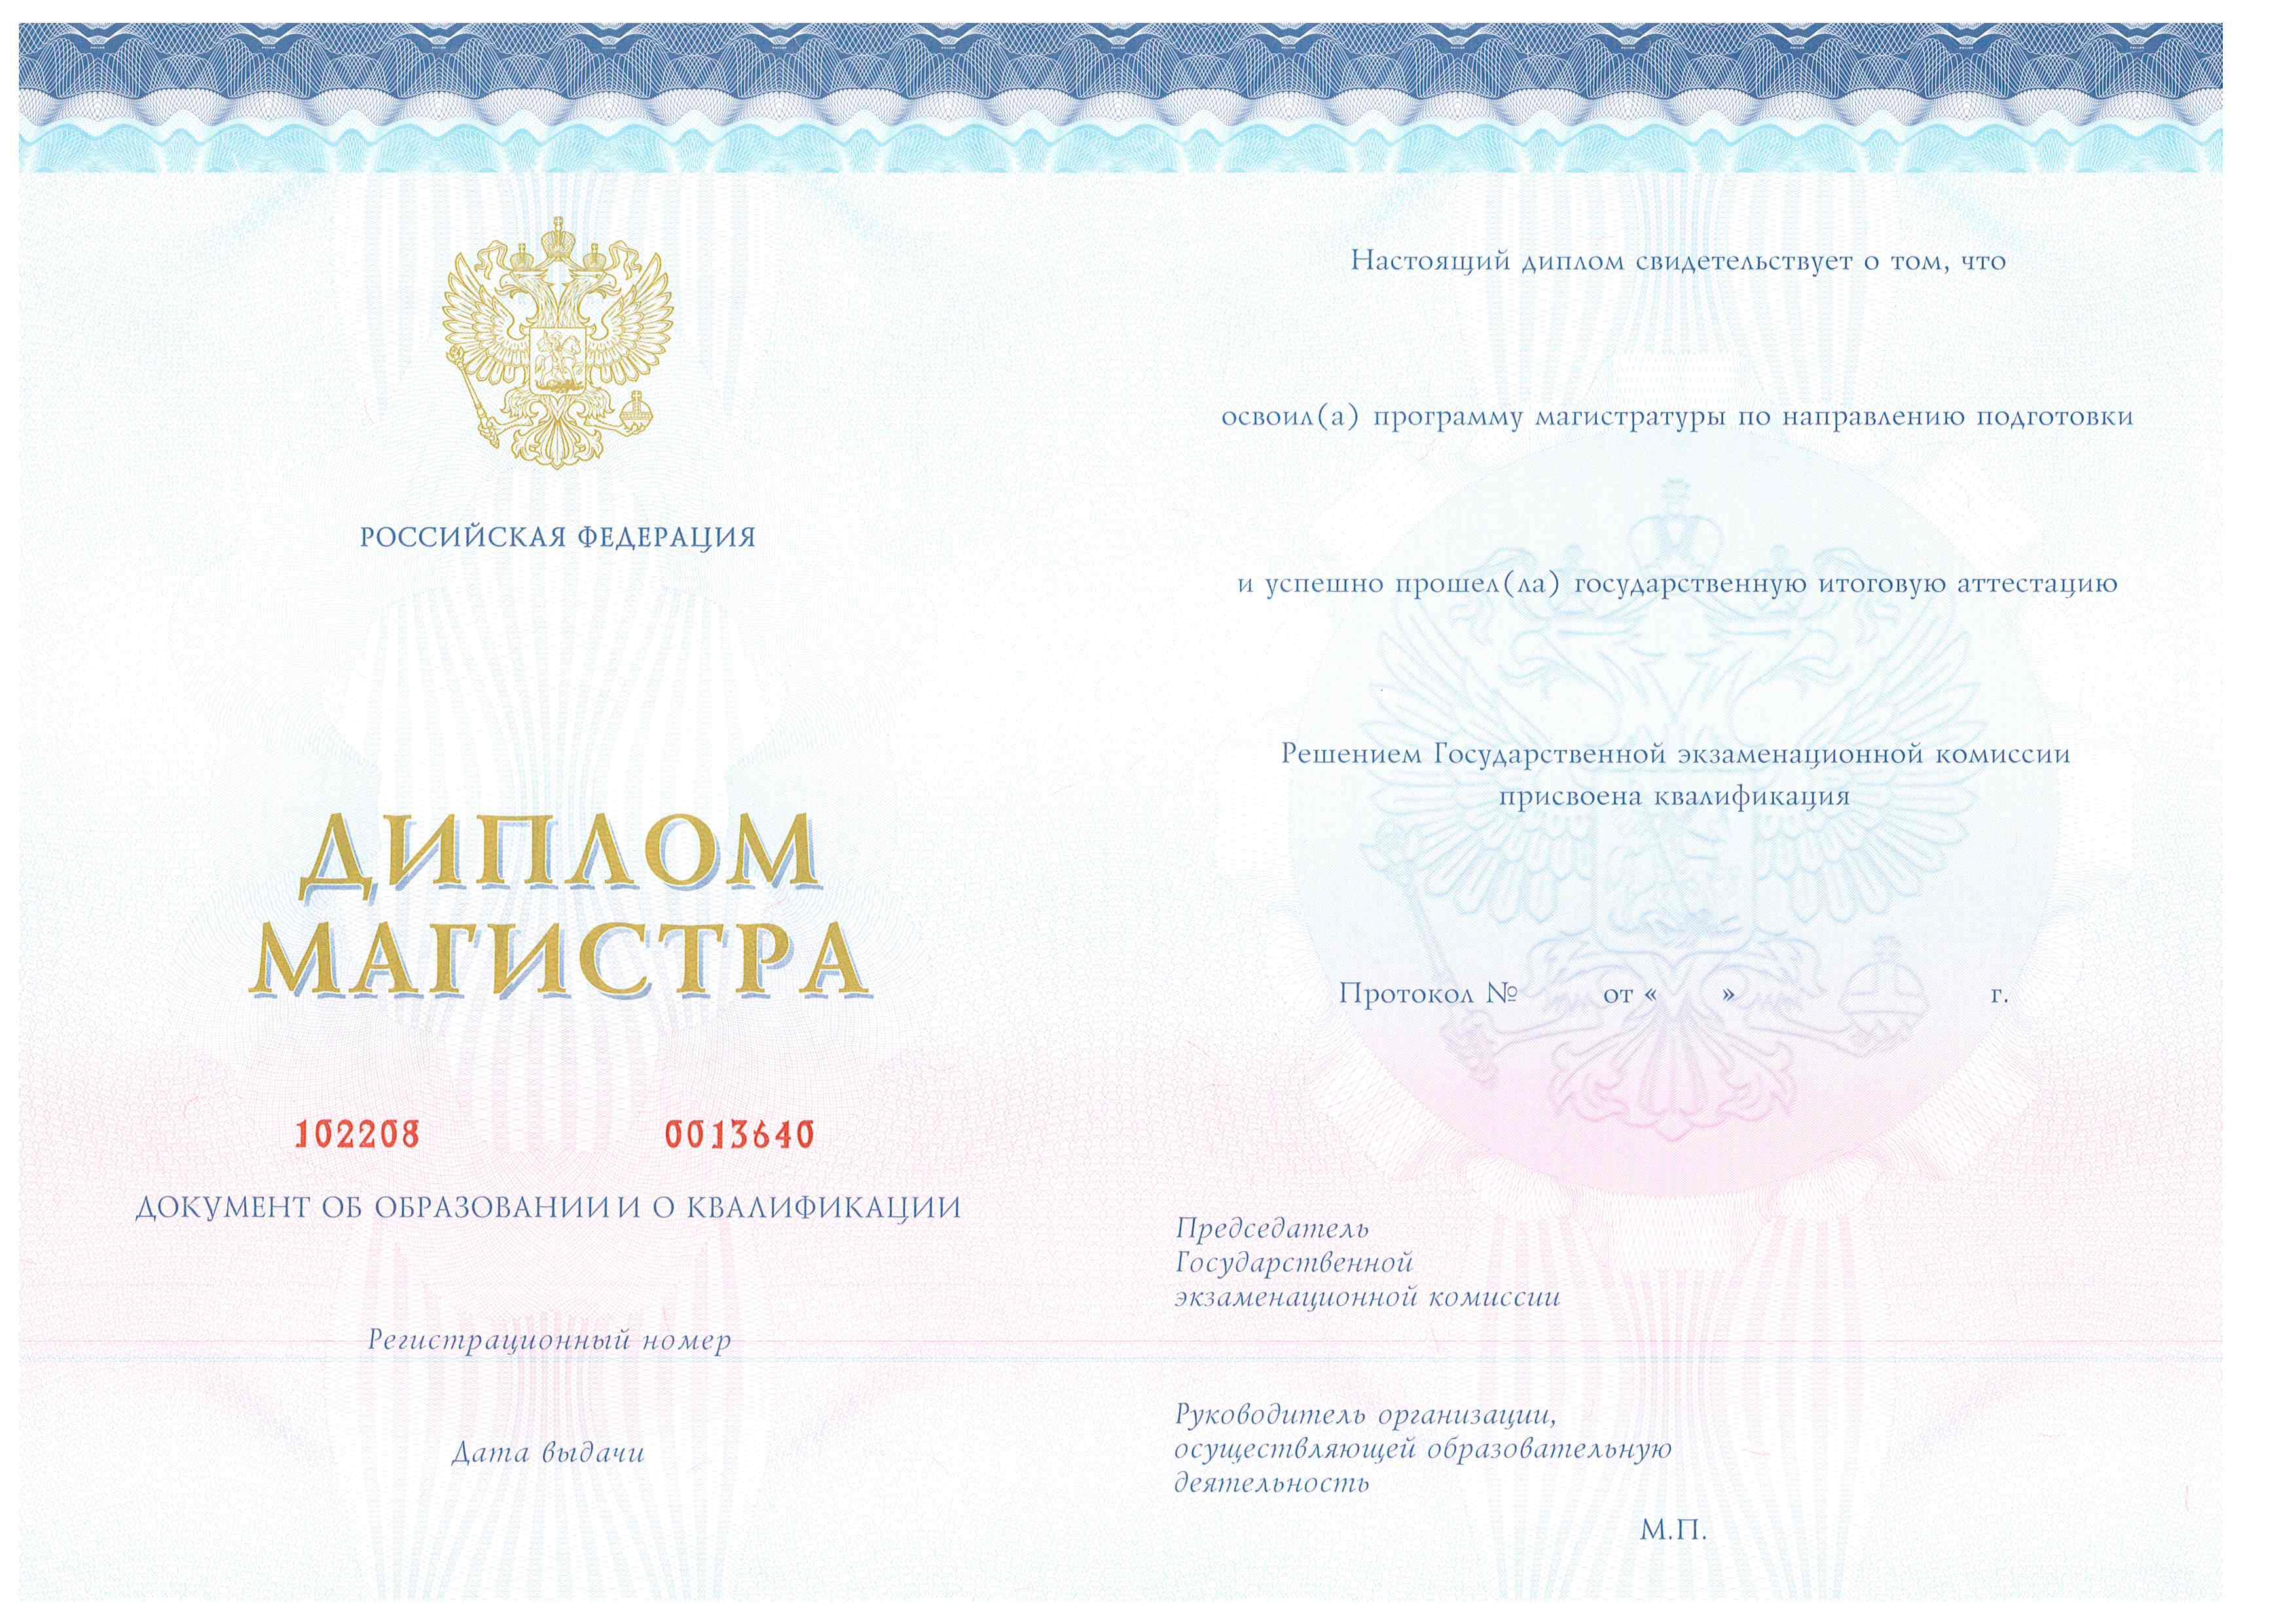 Бланки документов о высшем образовании АлтГТУ Диплом специалиста